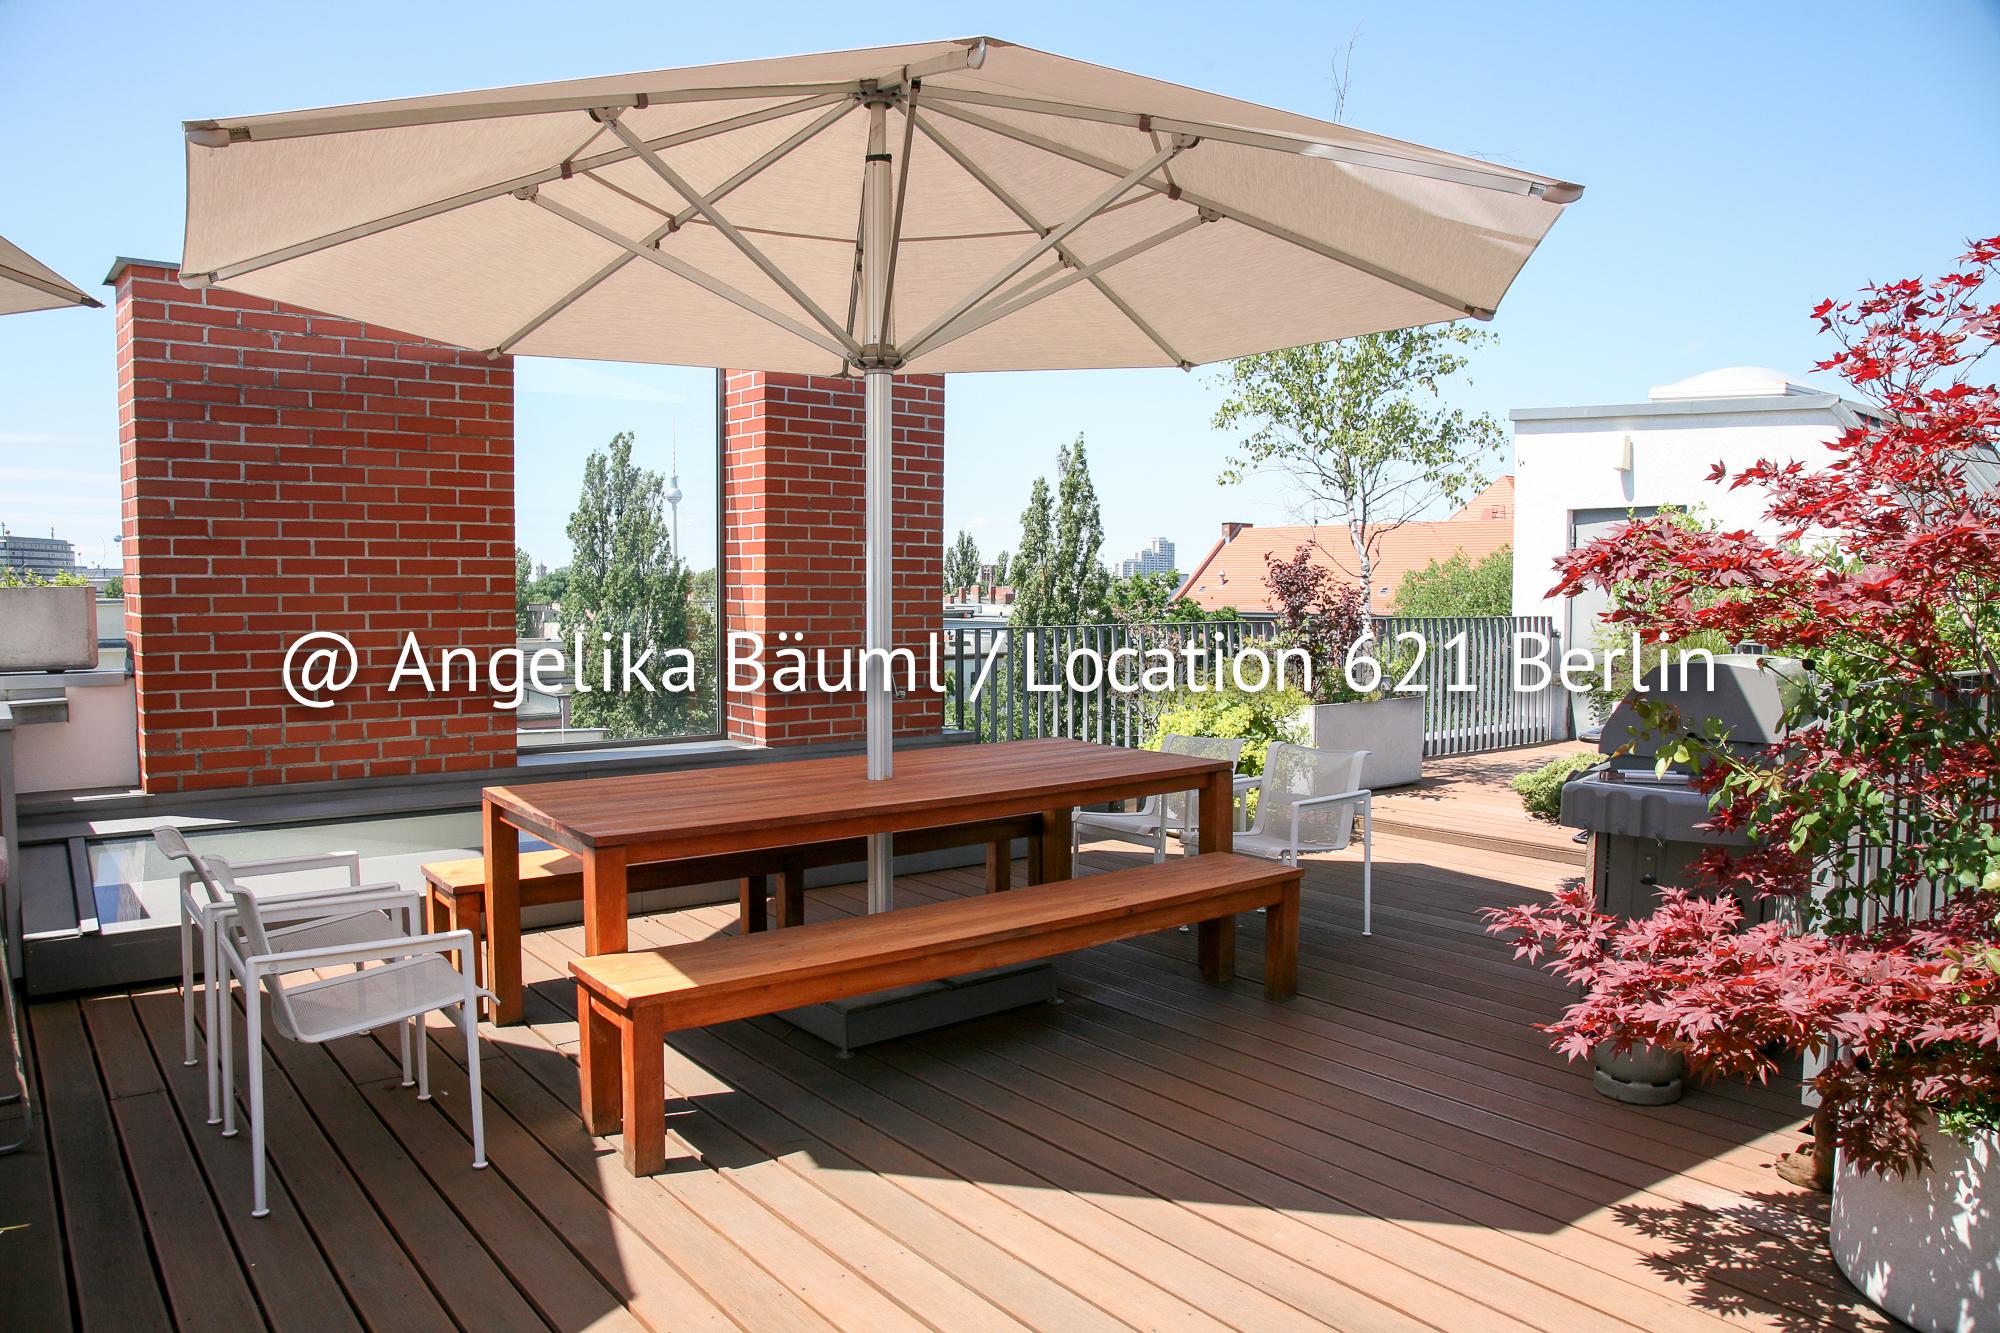 0621_location_angelikabaeuml-57.jpg